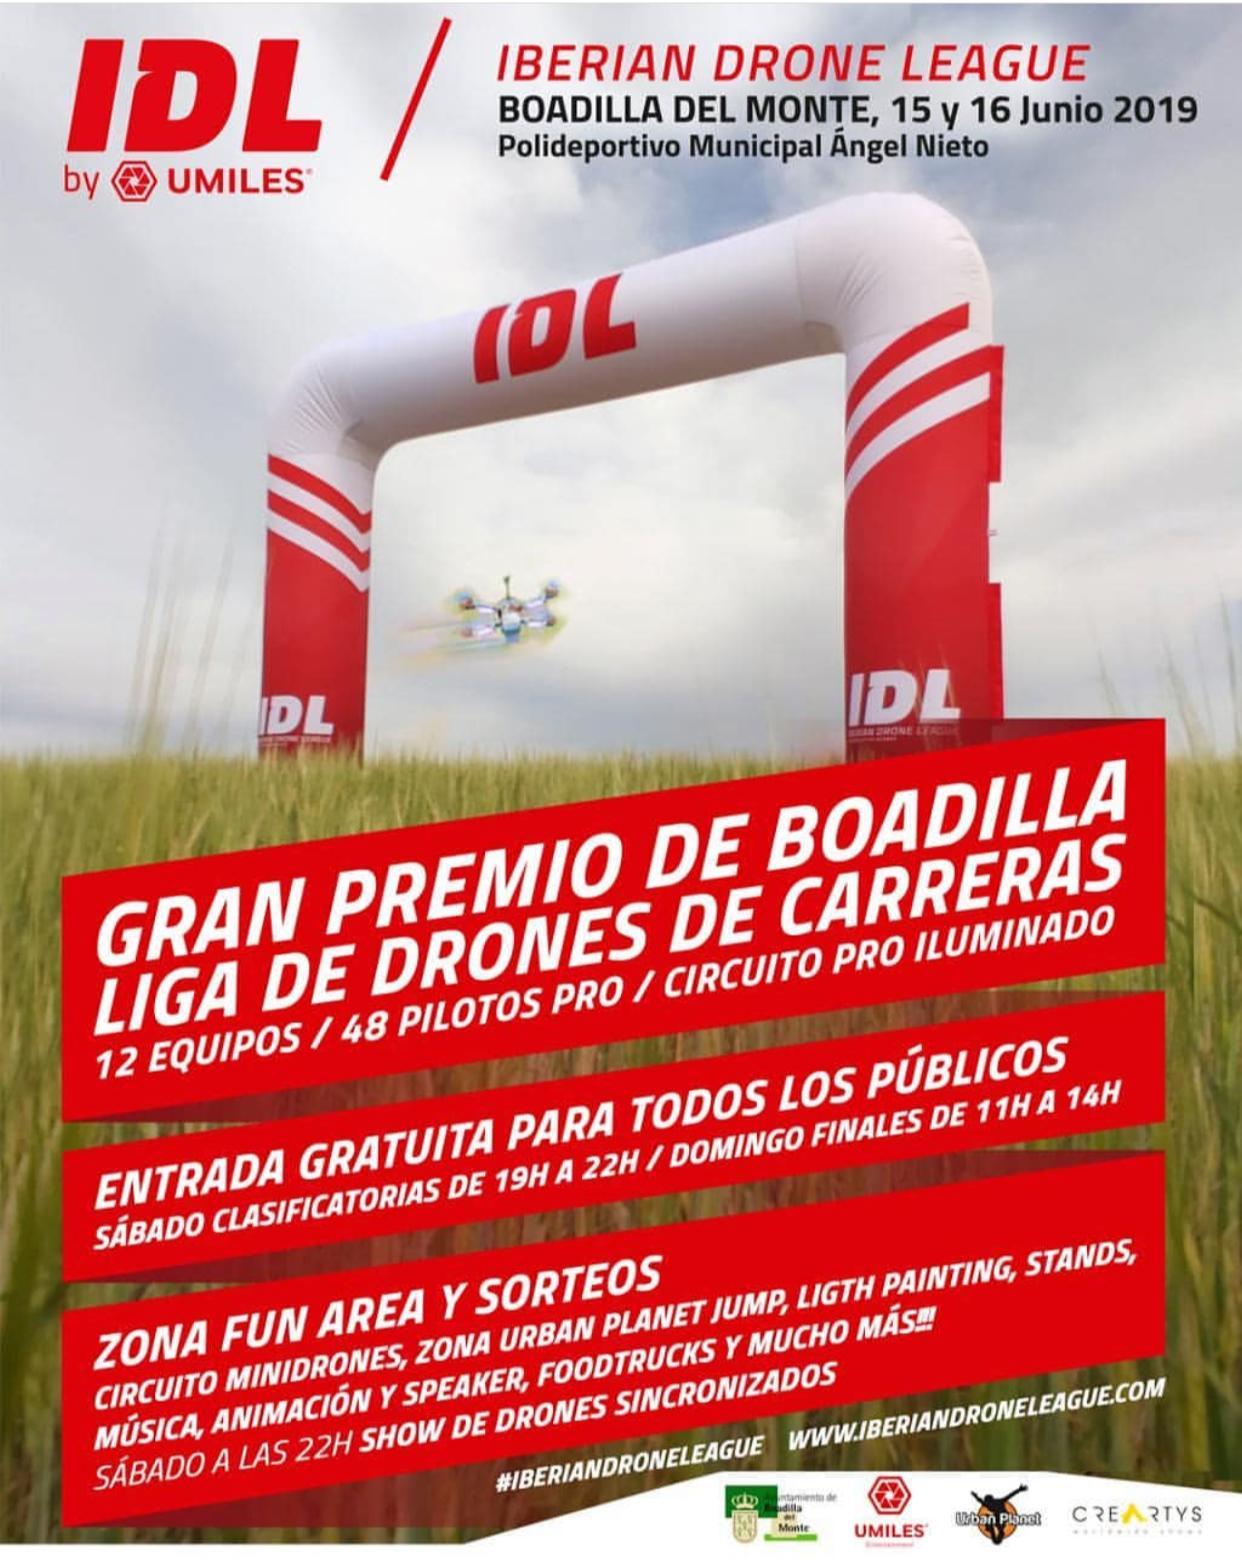 Carreras de drones este fin de semana